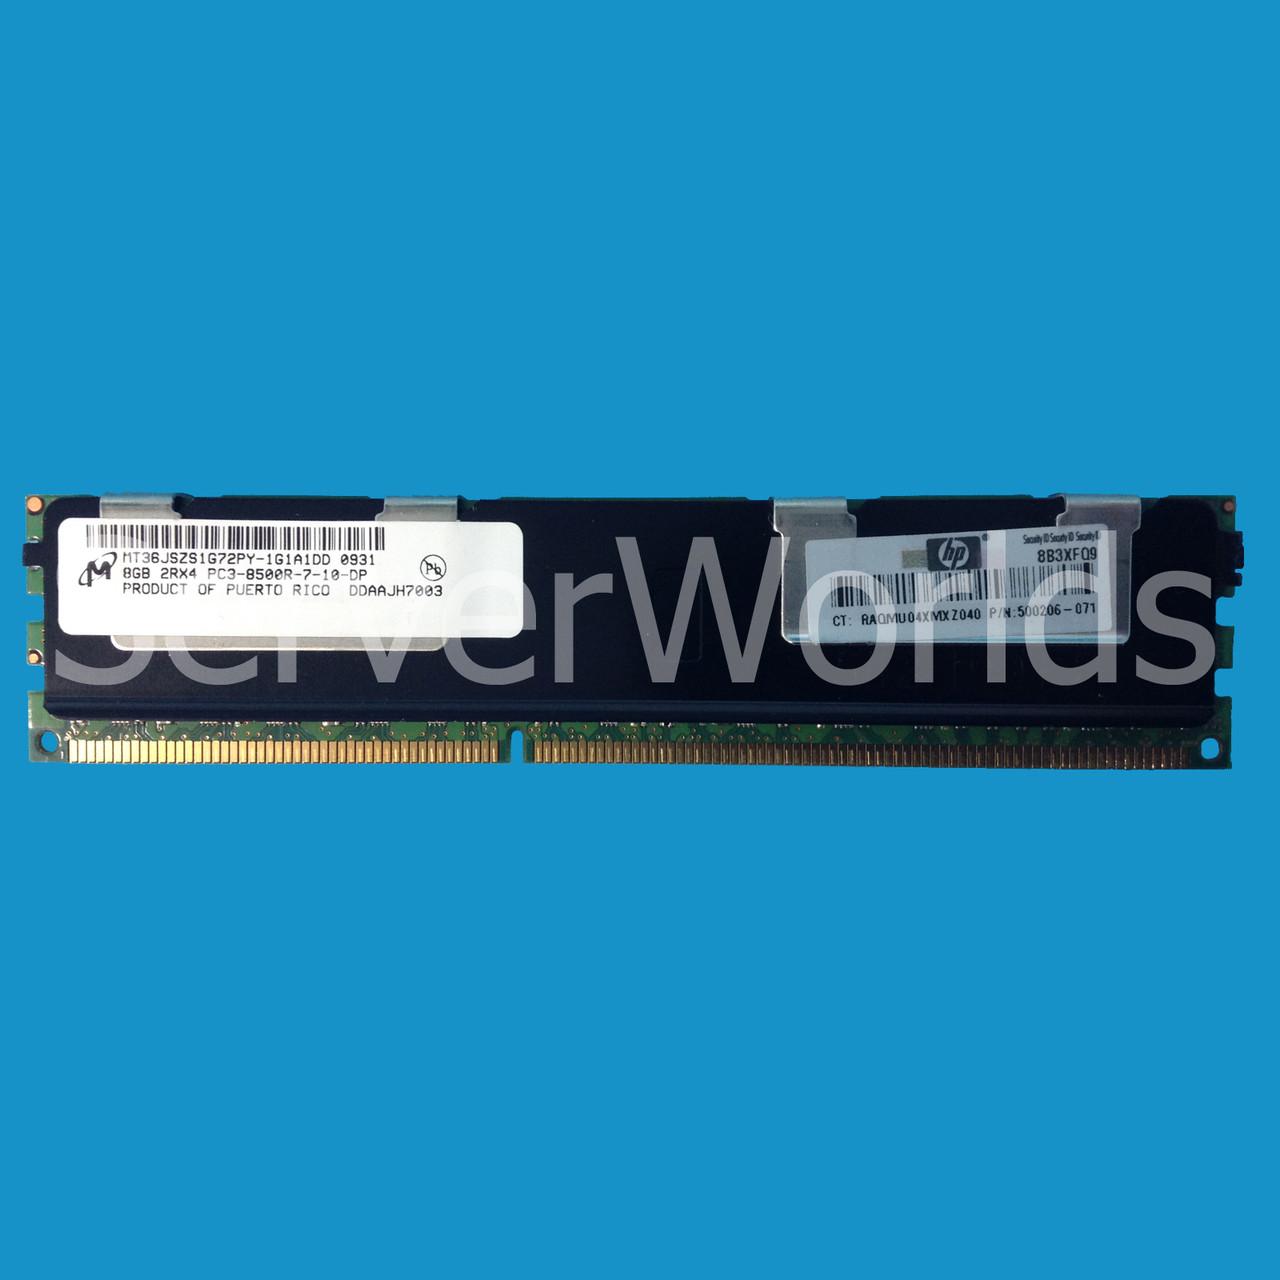 HP 516423-B21 500206-071 519201-001 8gb 2RX4 PC3-8500R-7 memory